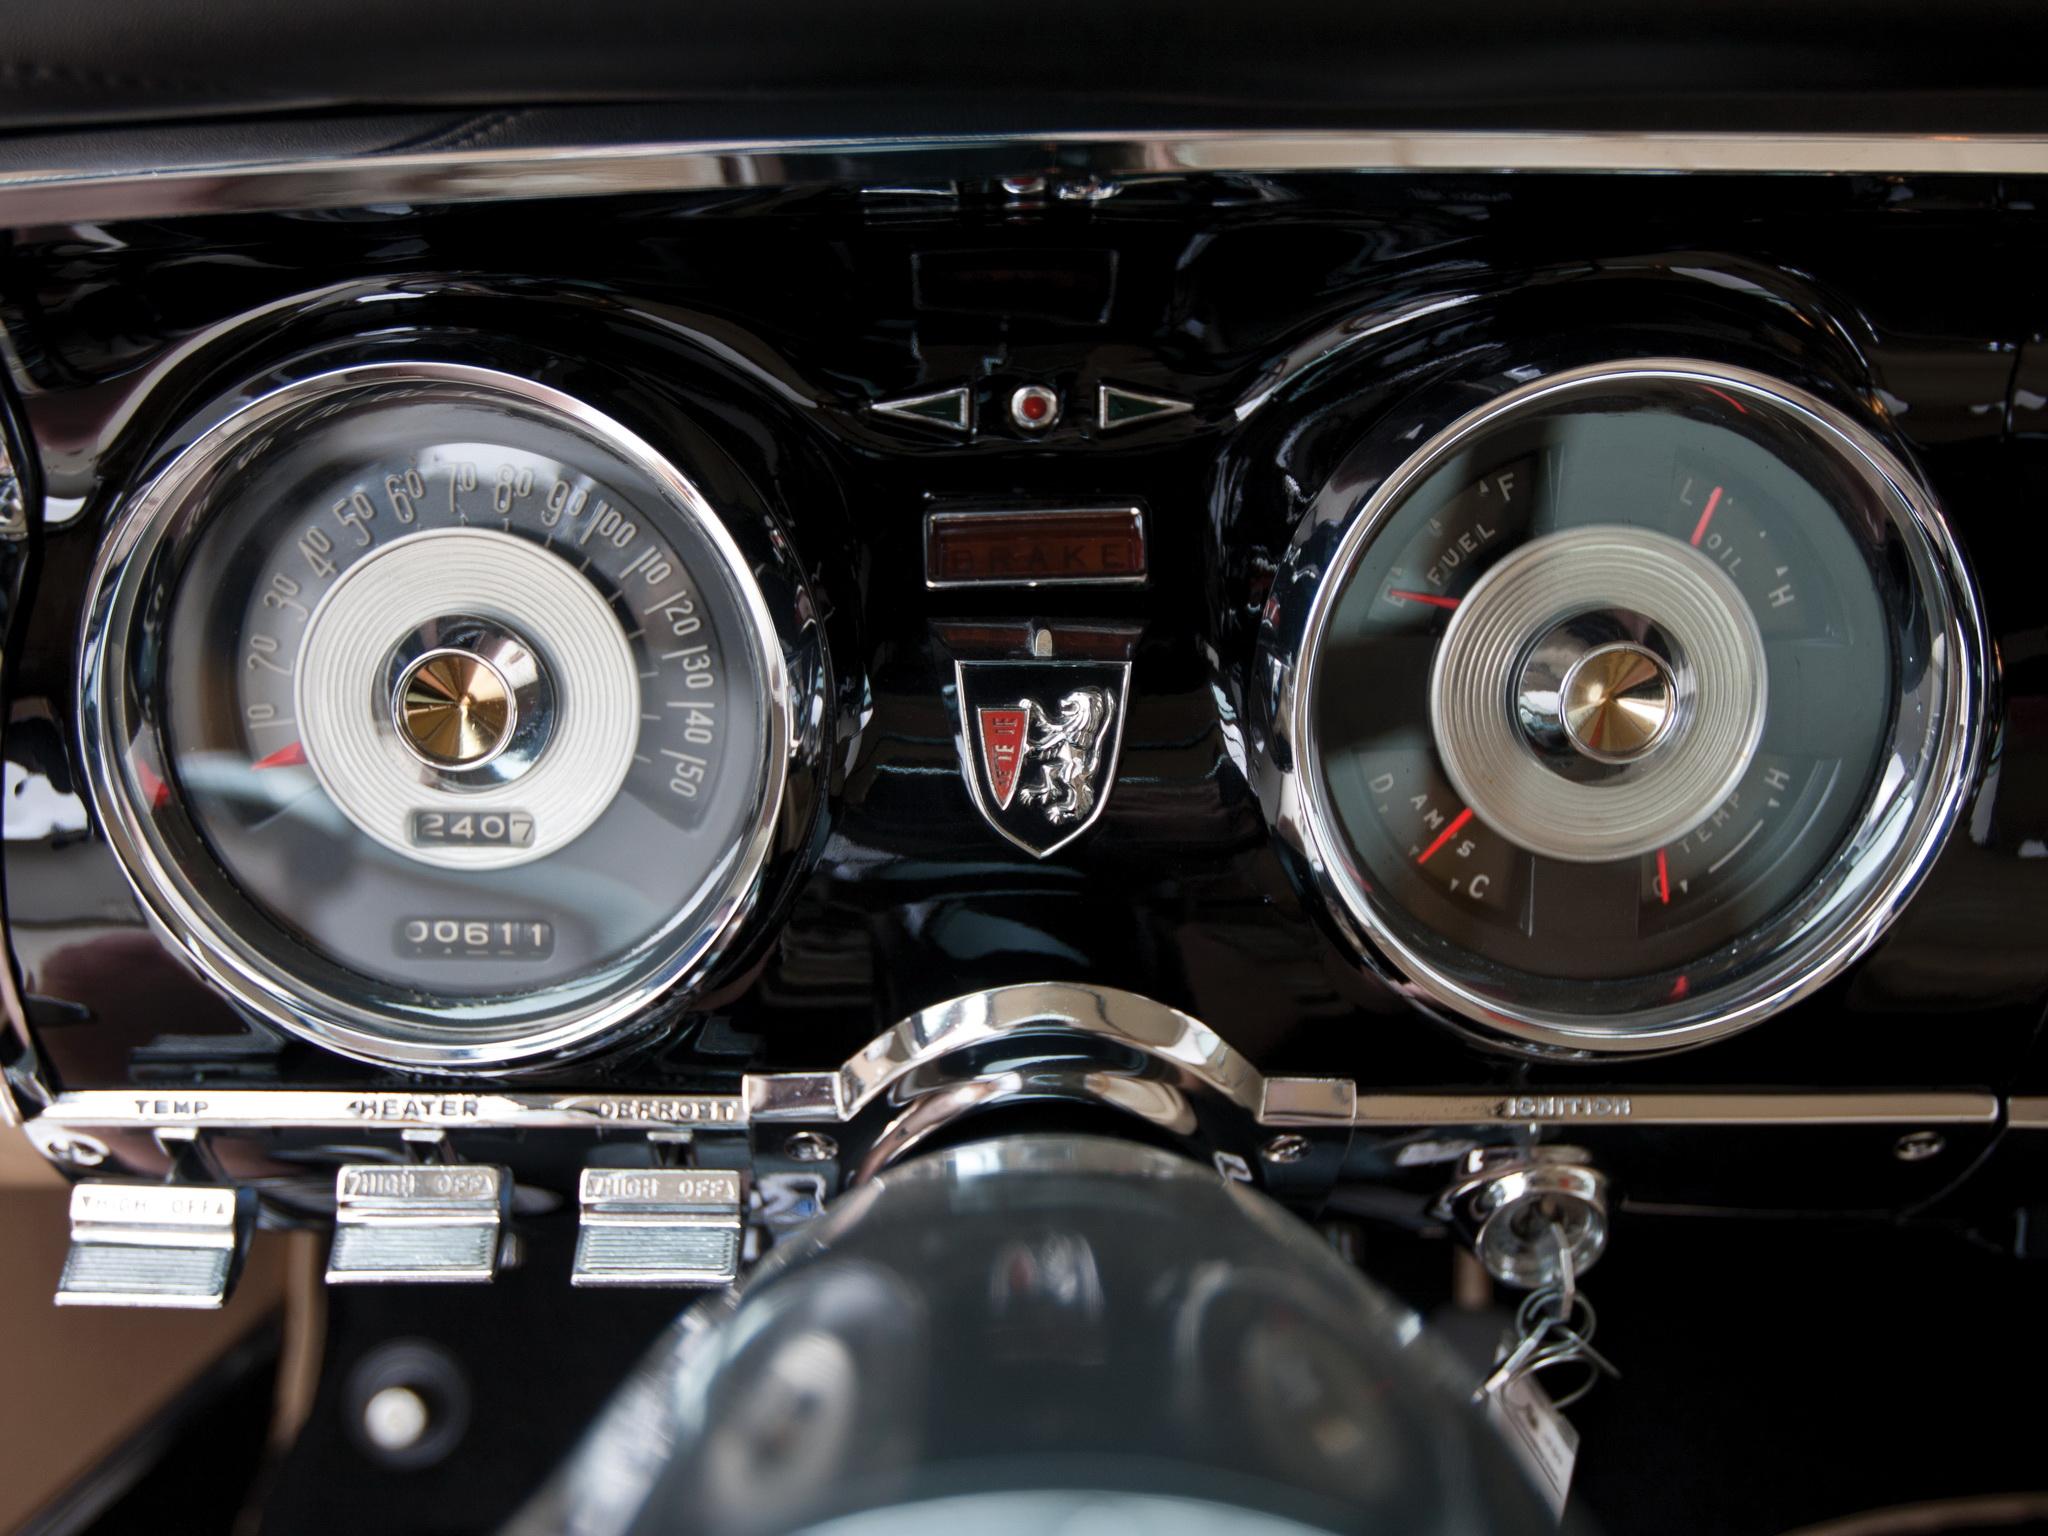 Chrysler 300 Wallpaper >> 1956 Chrysler 300B retro luxury interior g wallpaper   2048x1536   179981   WallpaperUP